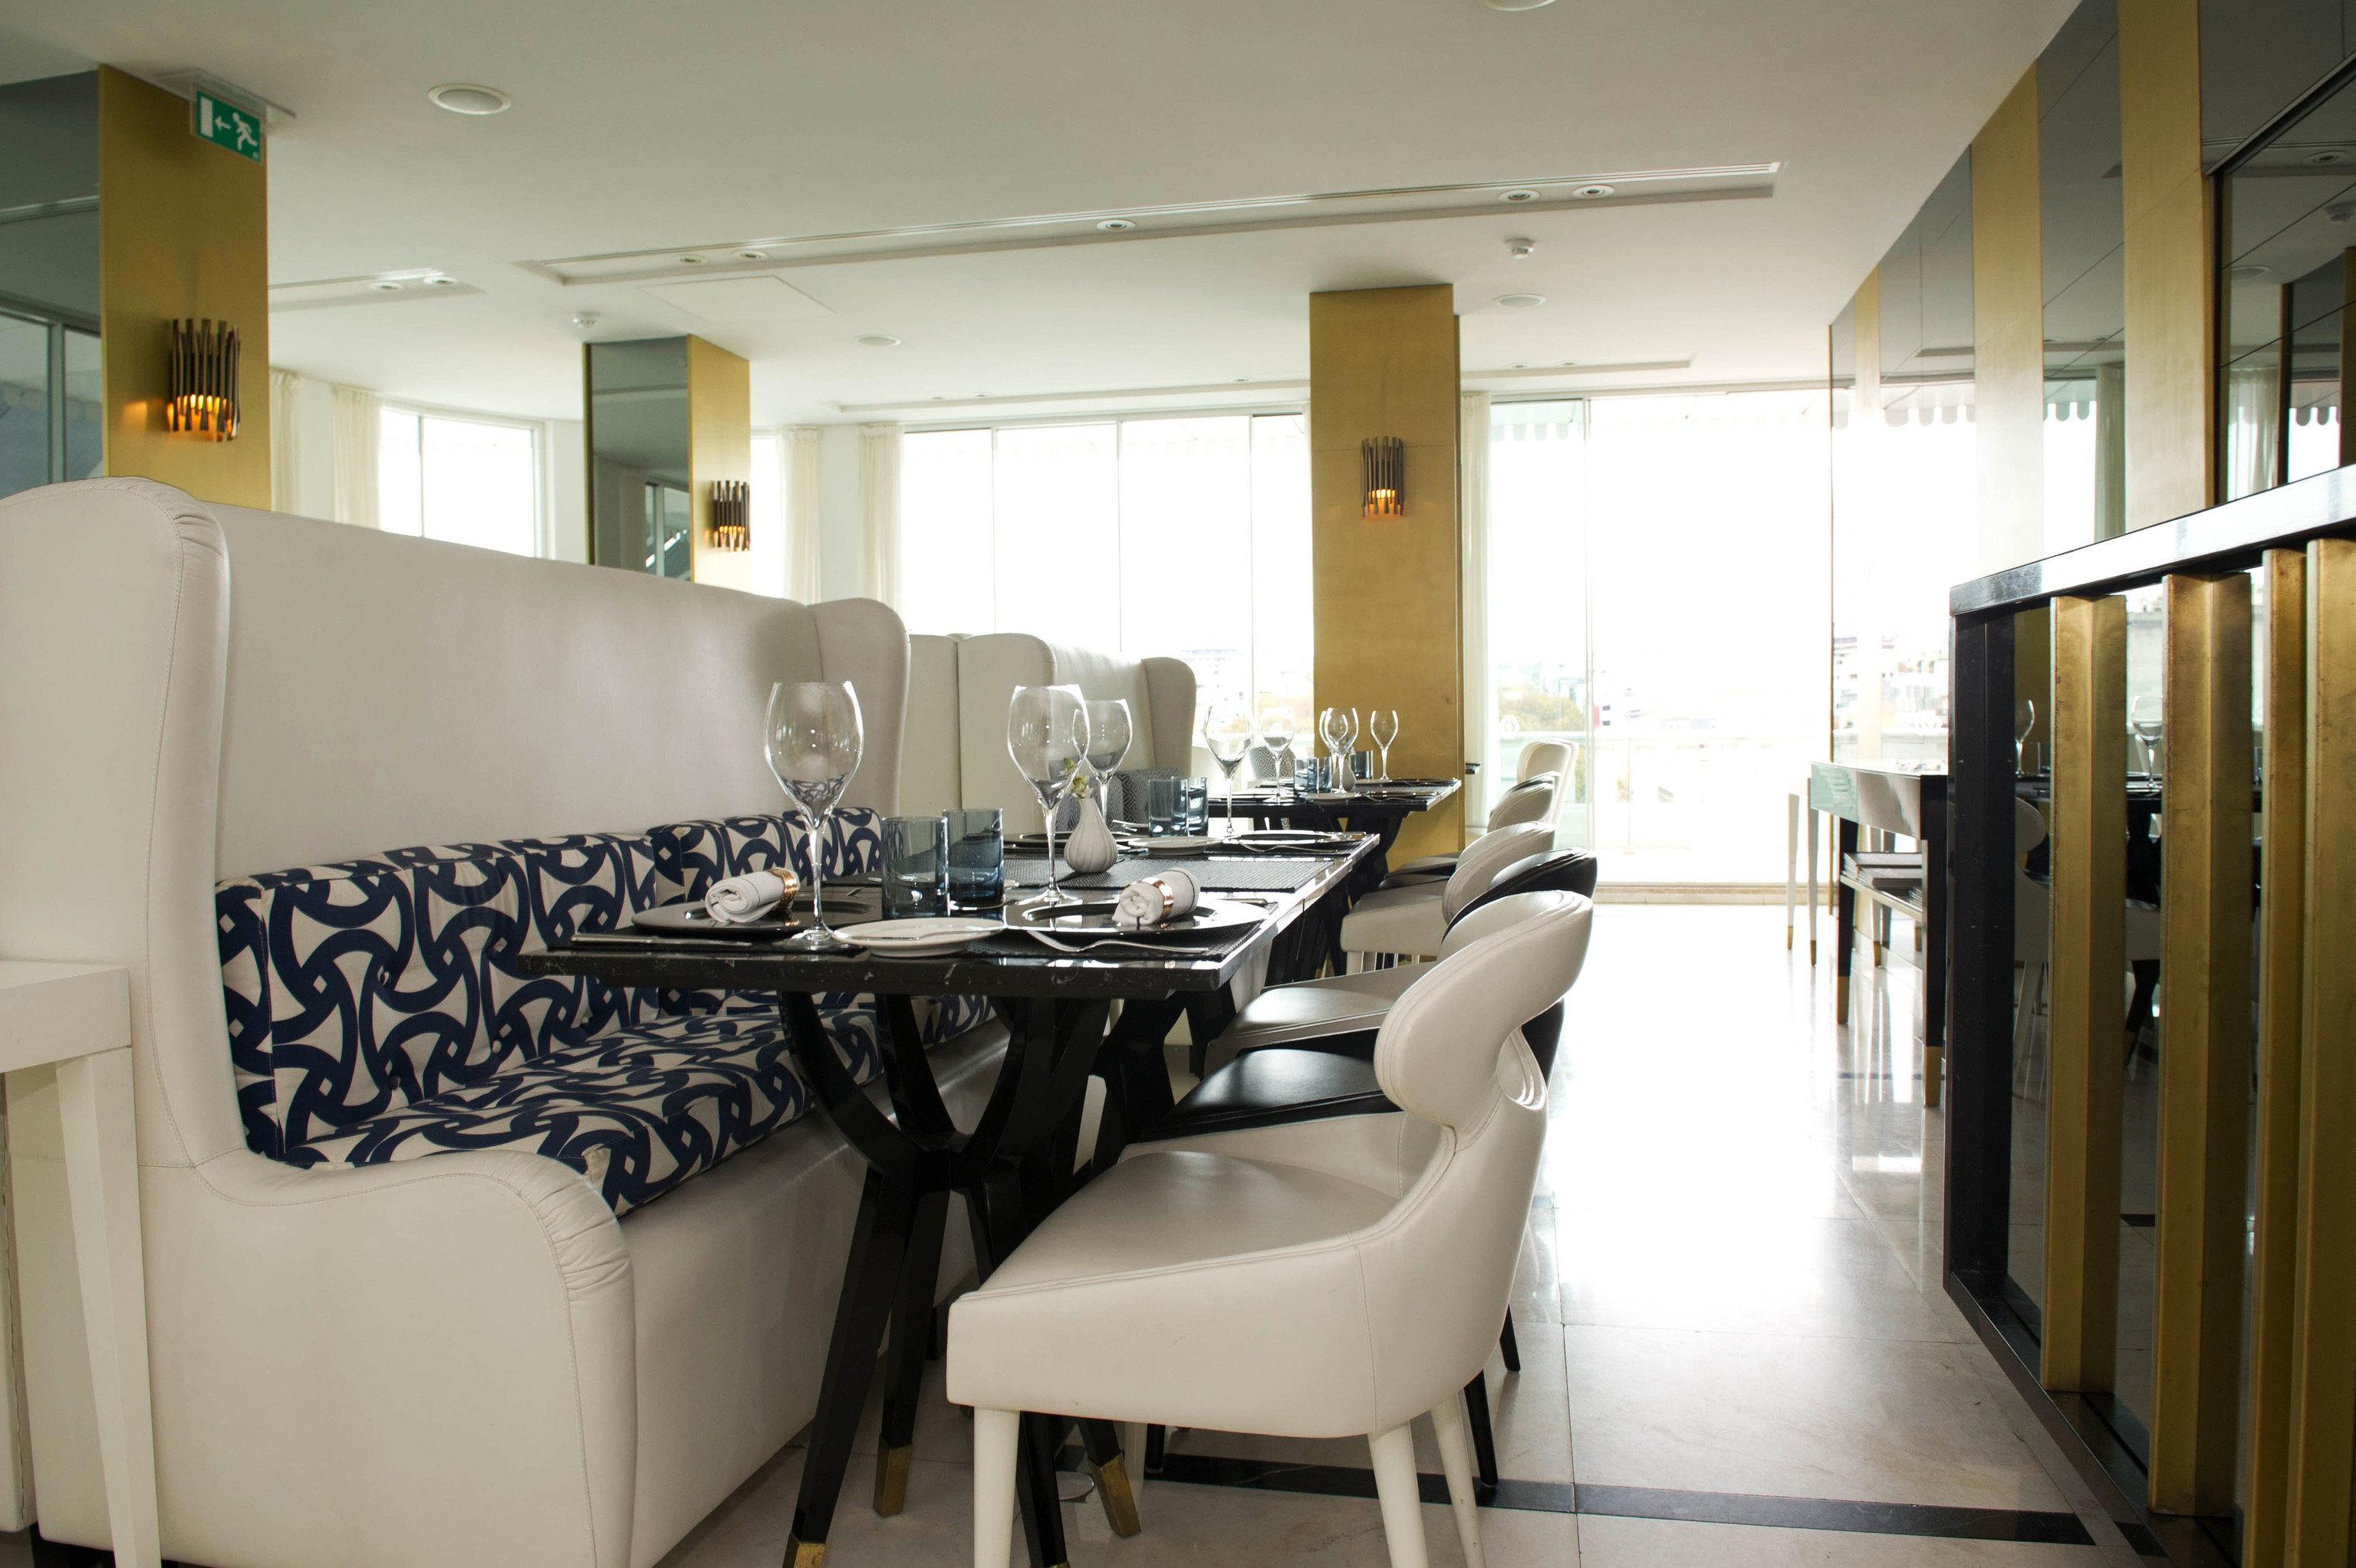 property chair building restaurant condominium